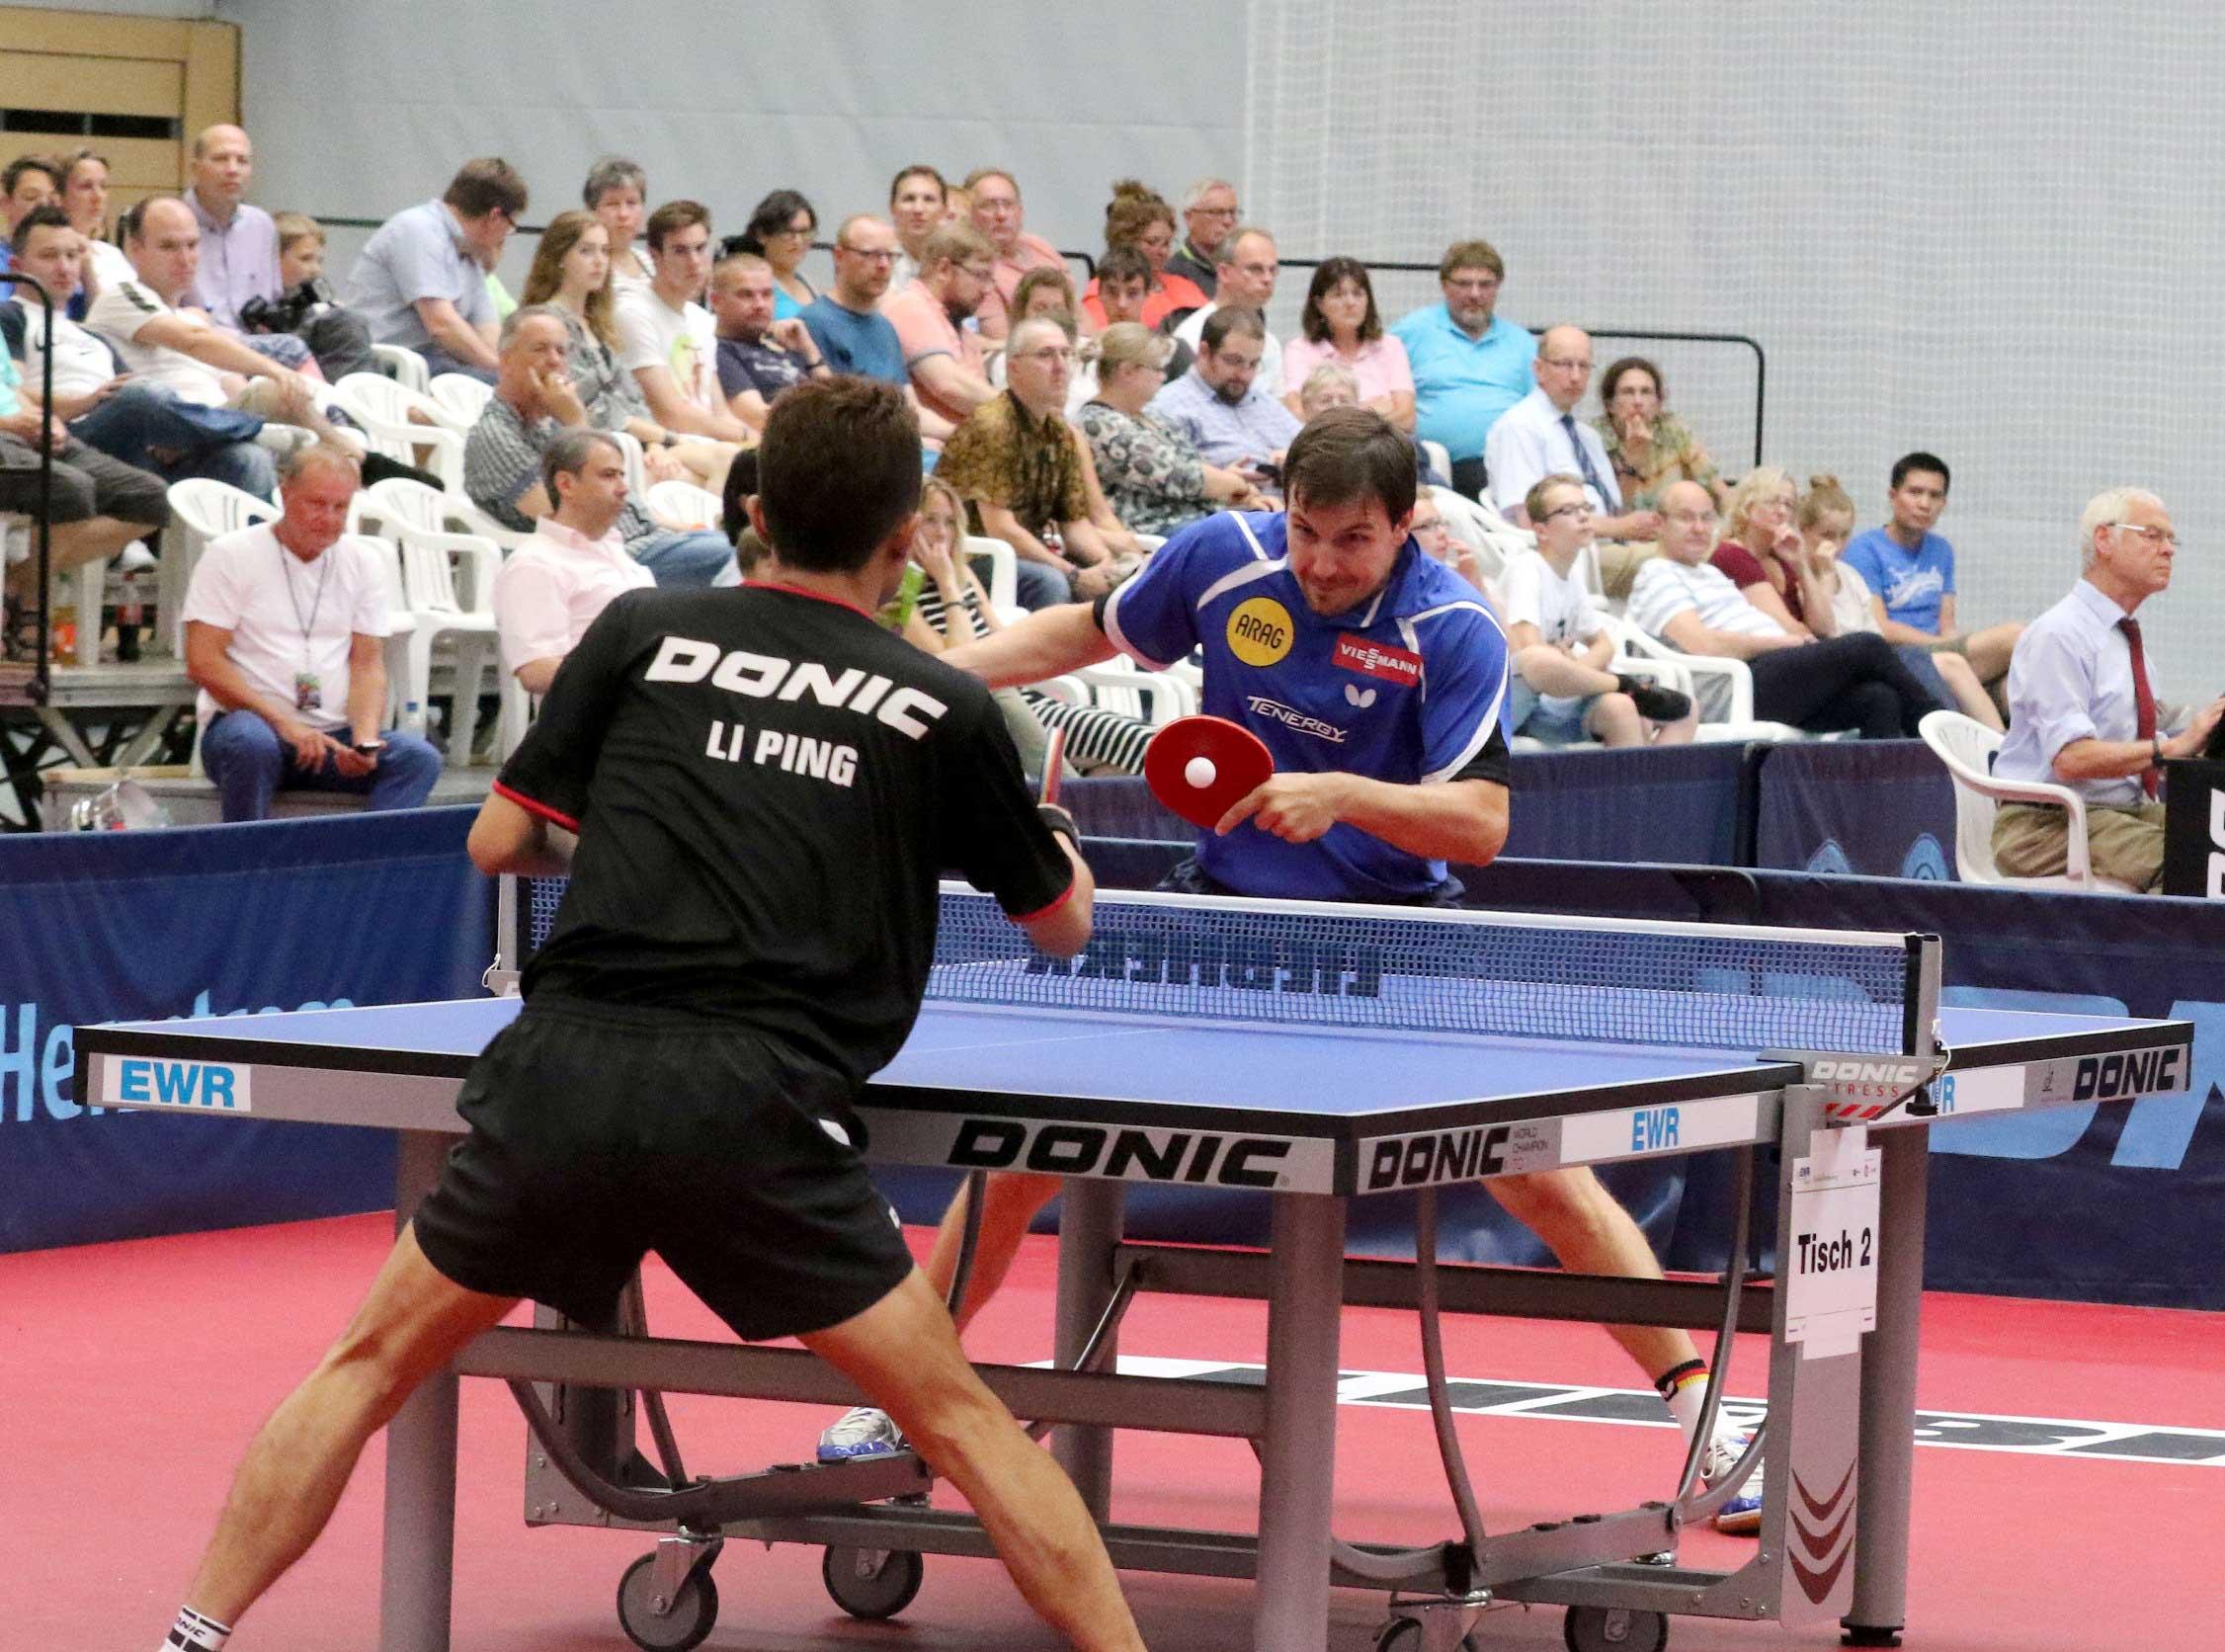 Hochklassiges Tischtennis boten auch Timo Boll und Li Ping.  Foto: Felix Diehl